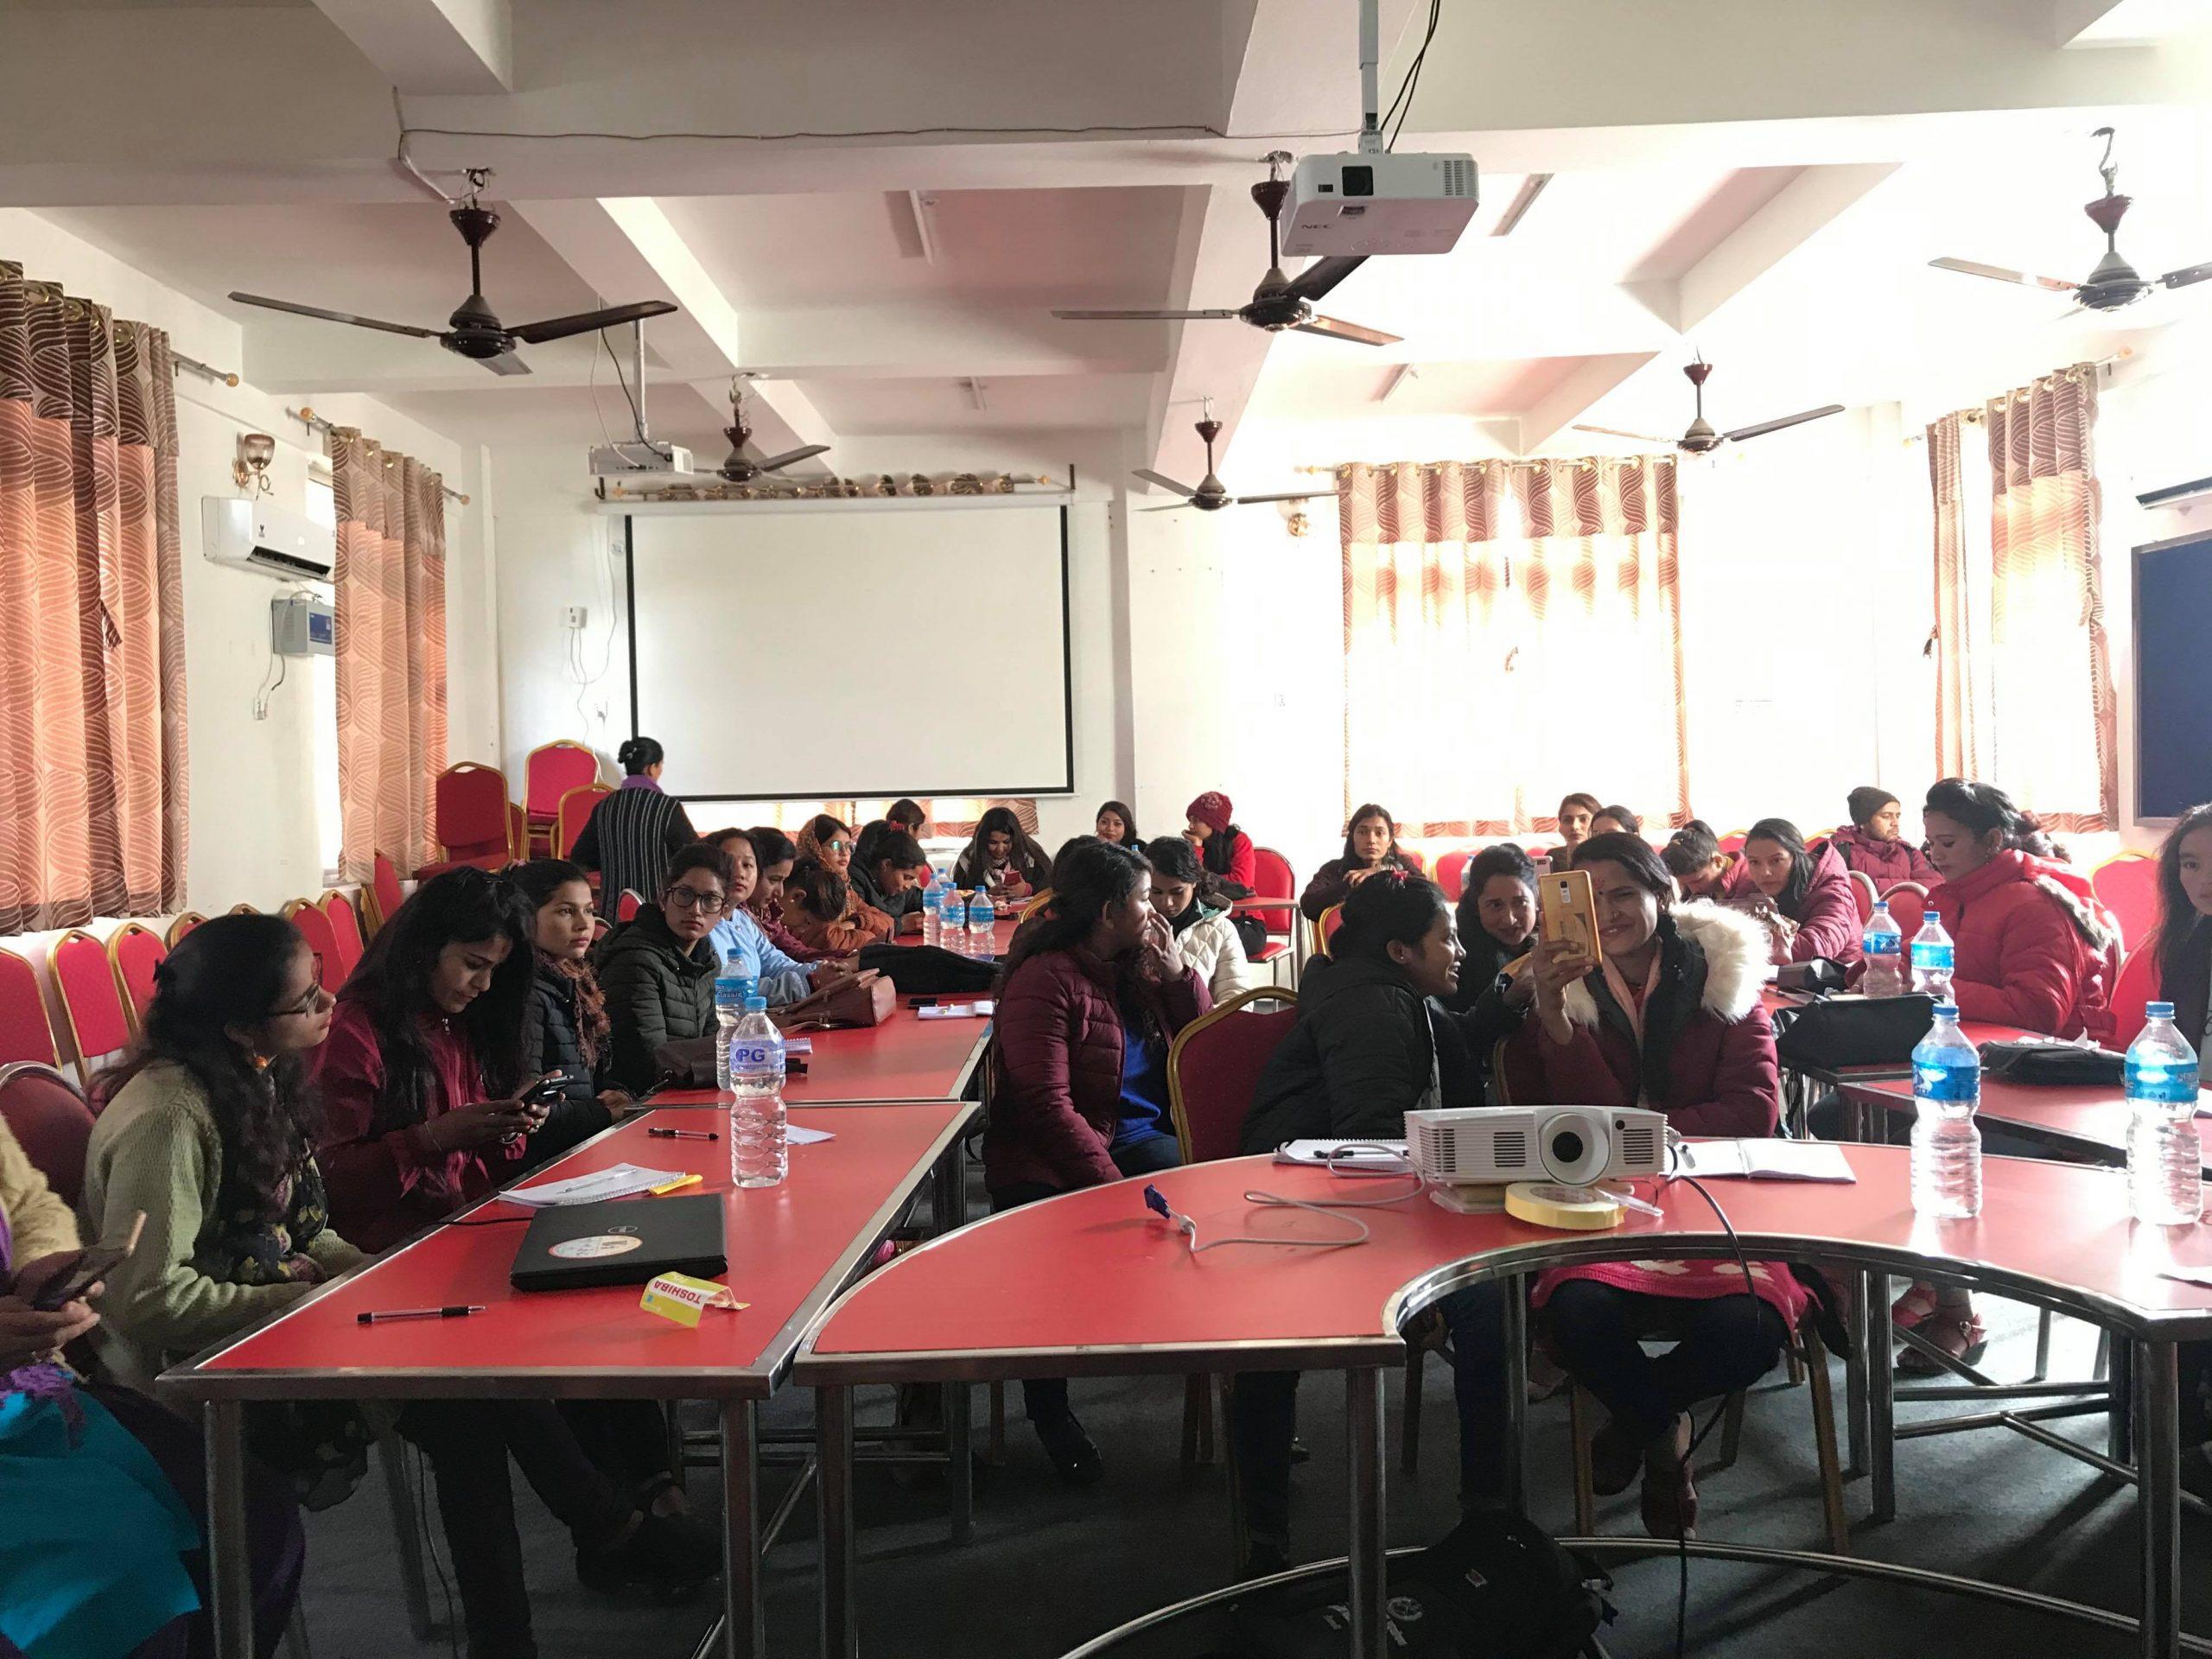 पत्रकार महिलाका लागि आधारभूत पत्रकारिता तालिम सम्पन्न